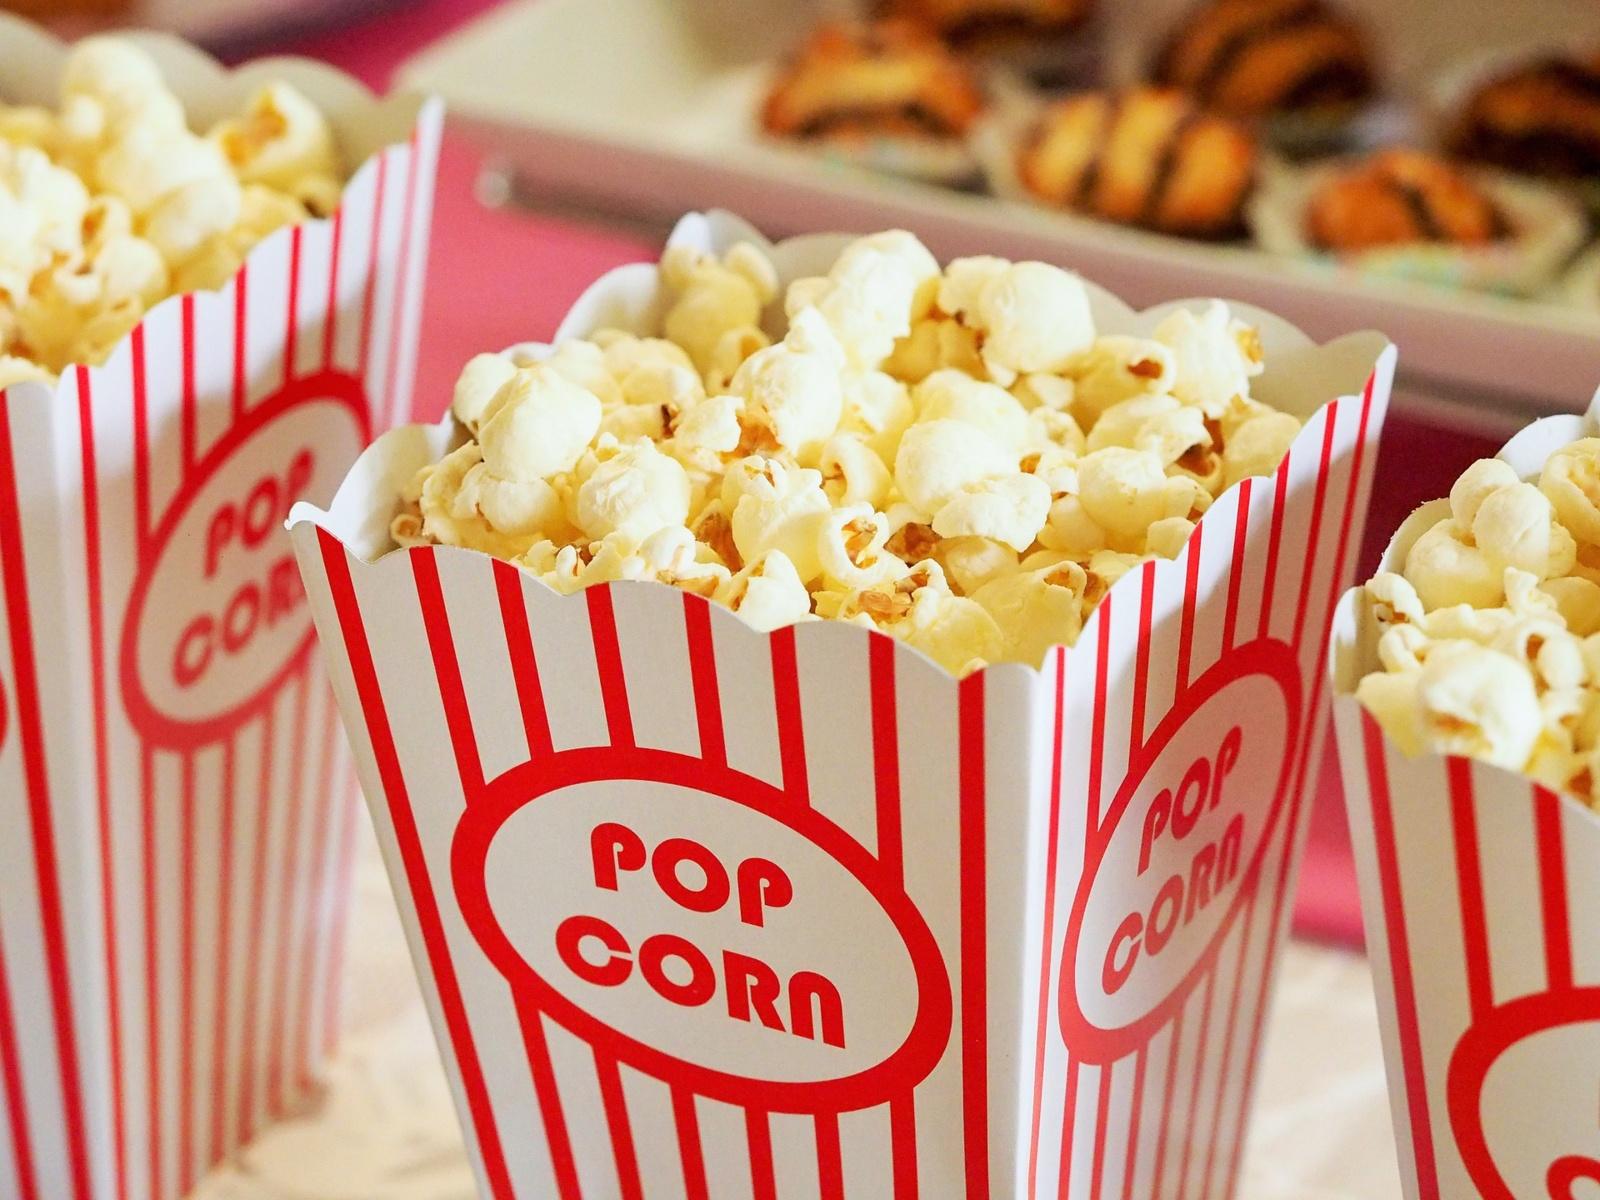 Kino teatruose dažniausiai lankosi didmiesčių jaunuoliai, mėgstantys komedijas ir sveiką maistą